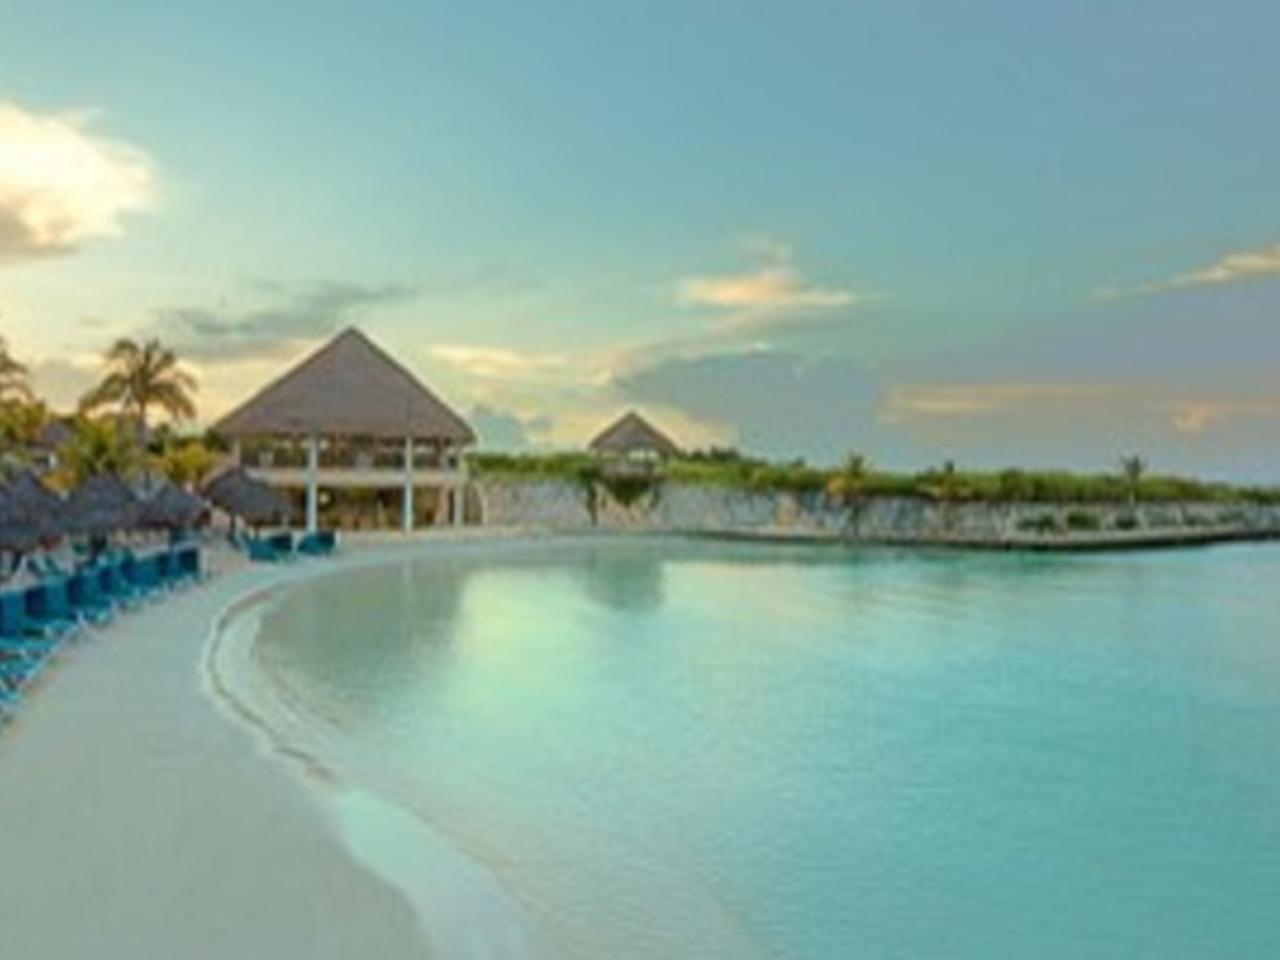 Bodas en la playa paquetes - Hotel